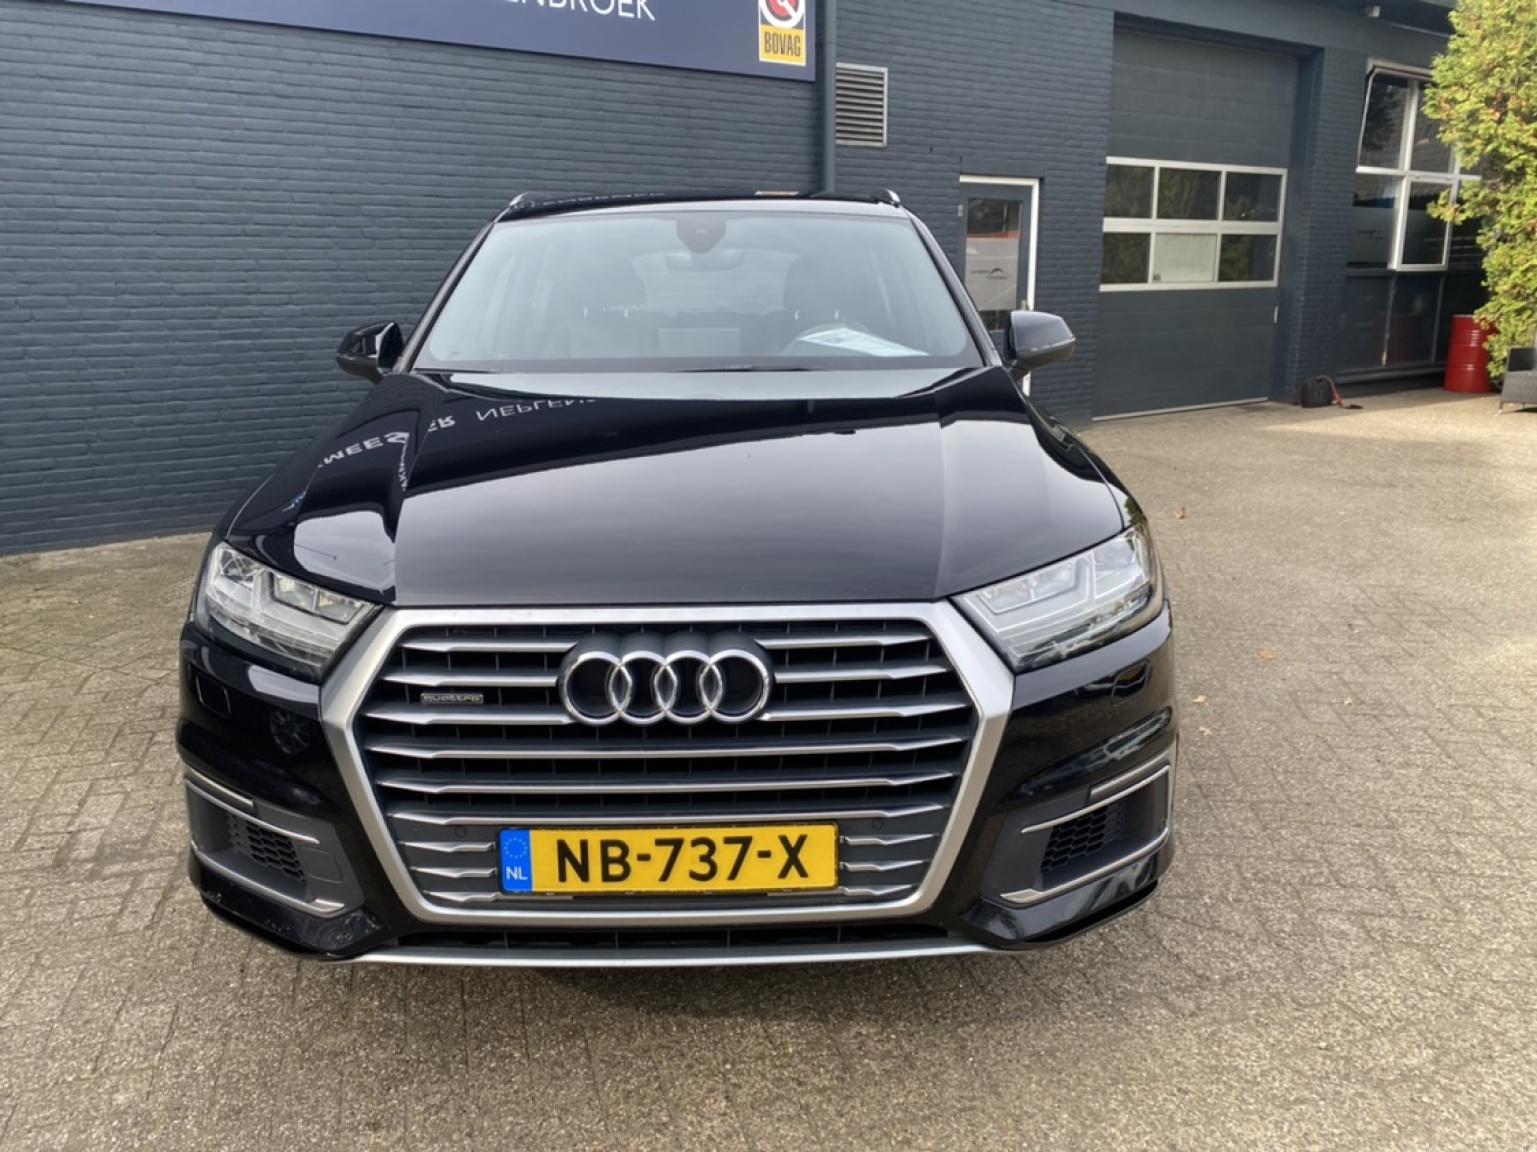 Audi-Q7-4